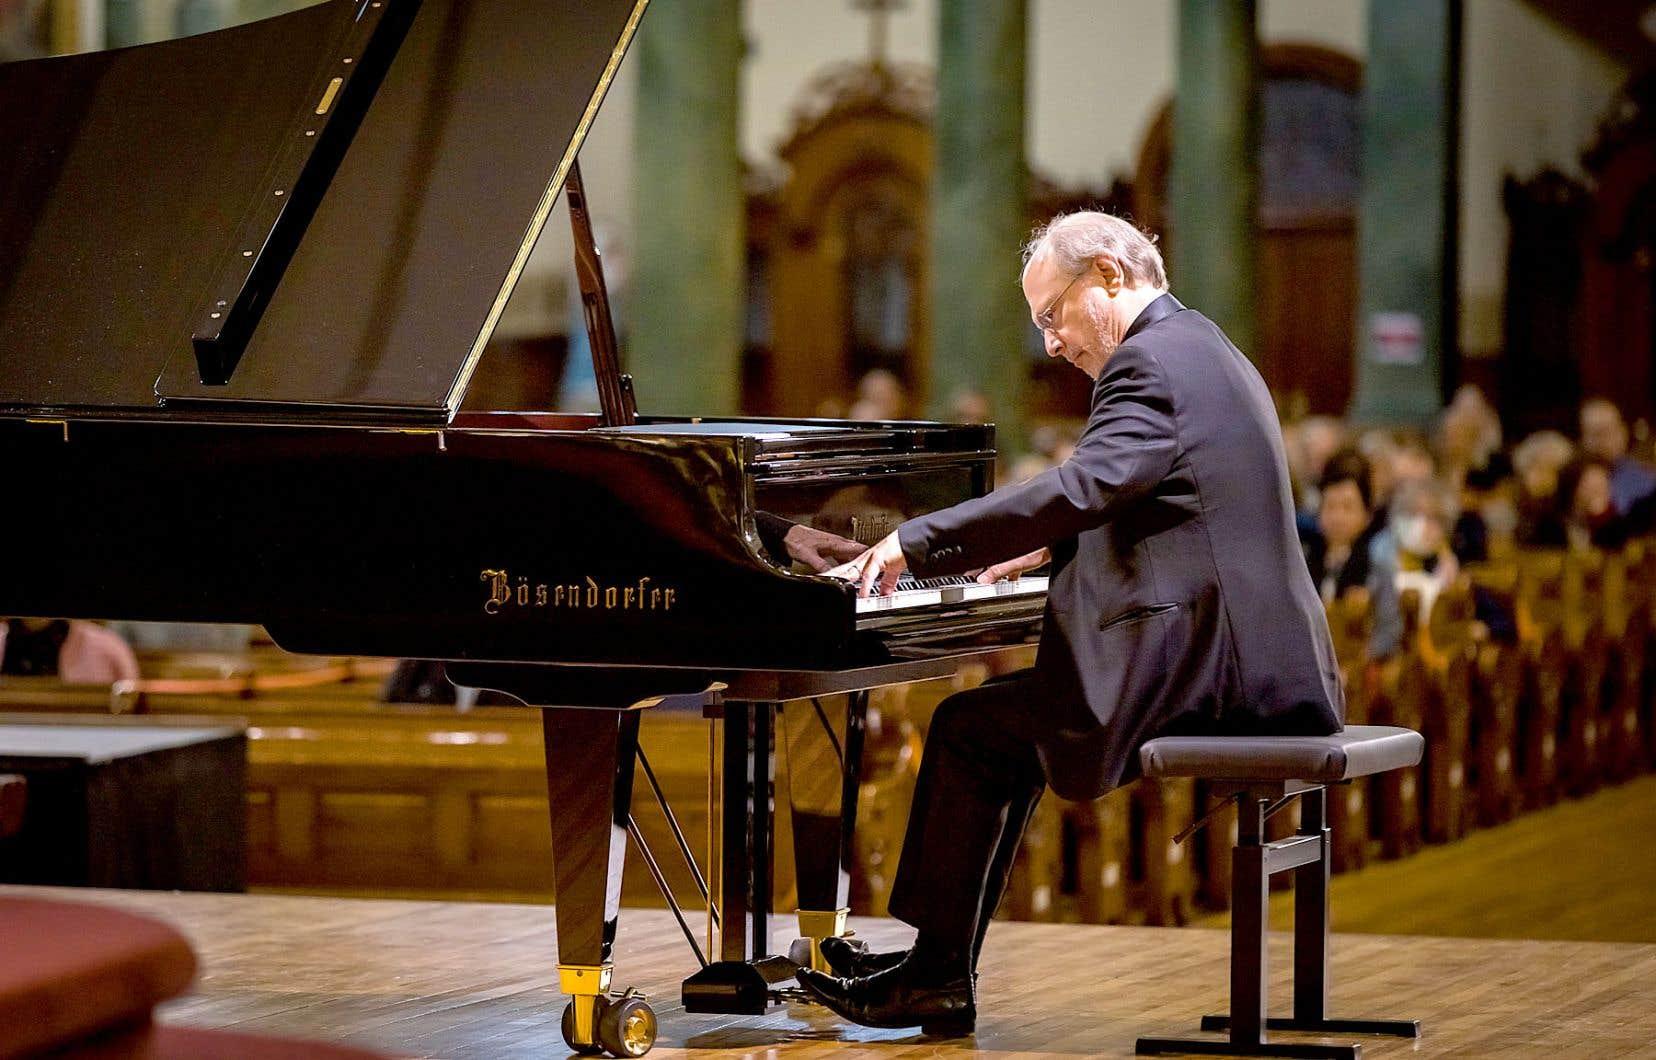 La philosophie musicale de Marc-André Hamelin en disque est celle du partage, comme au concert, mais aussi et surtout celle de la quête de la perfection.